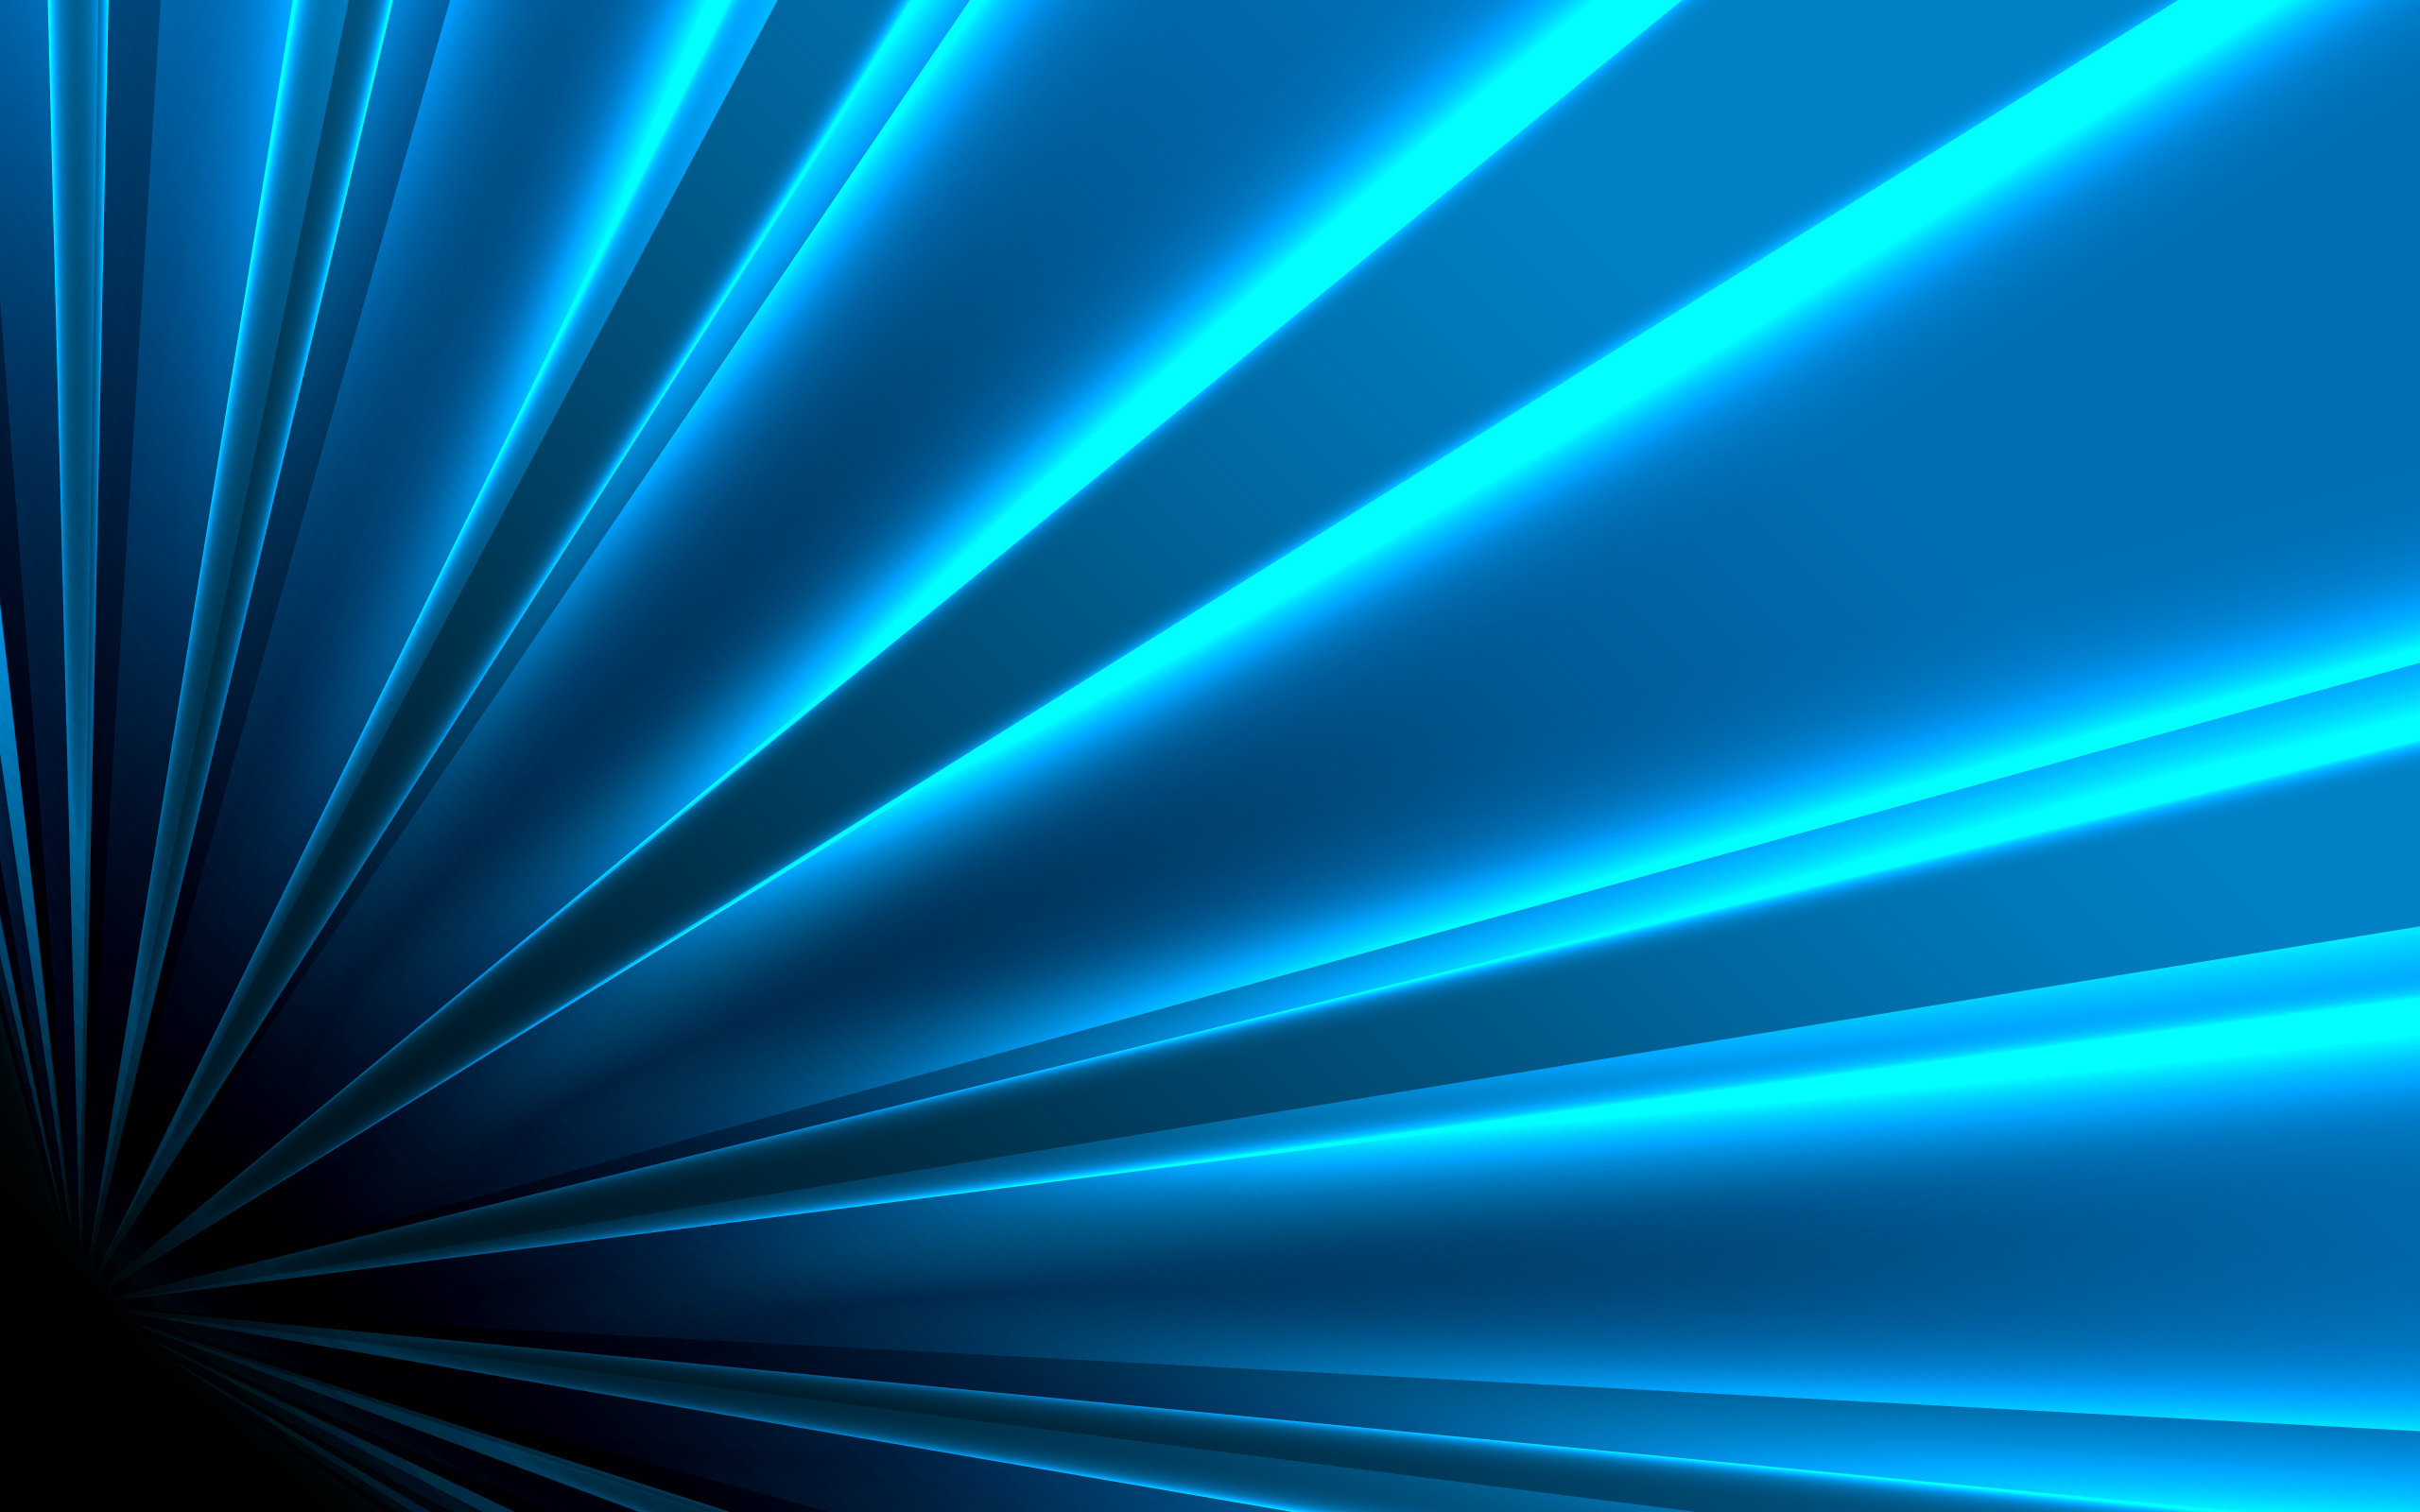 Синии линии бесплатно